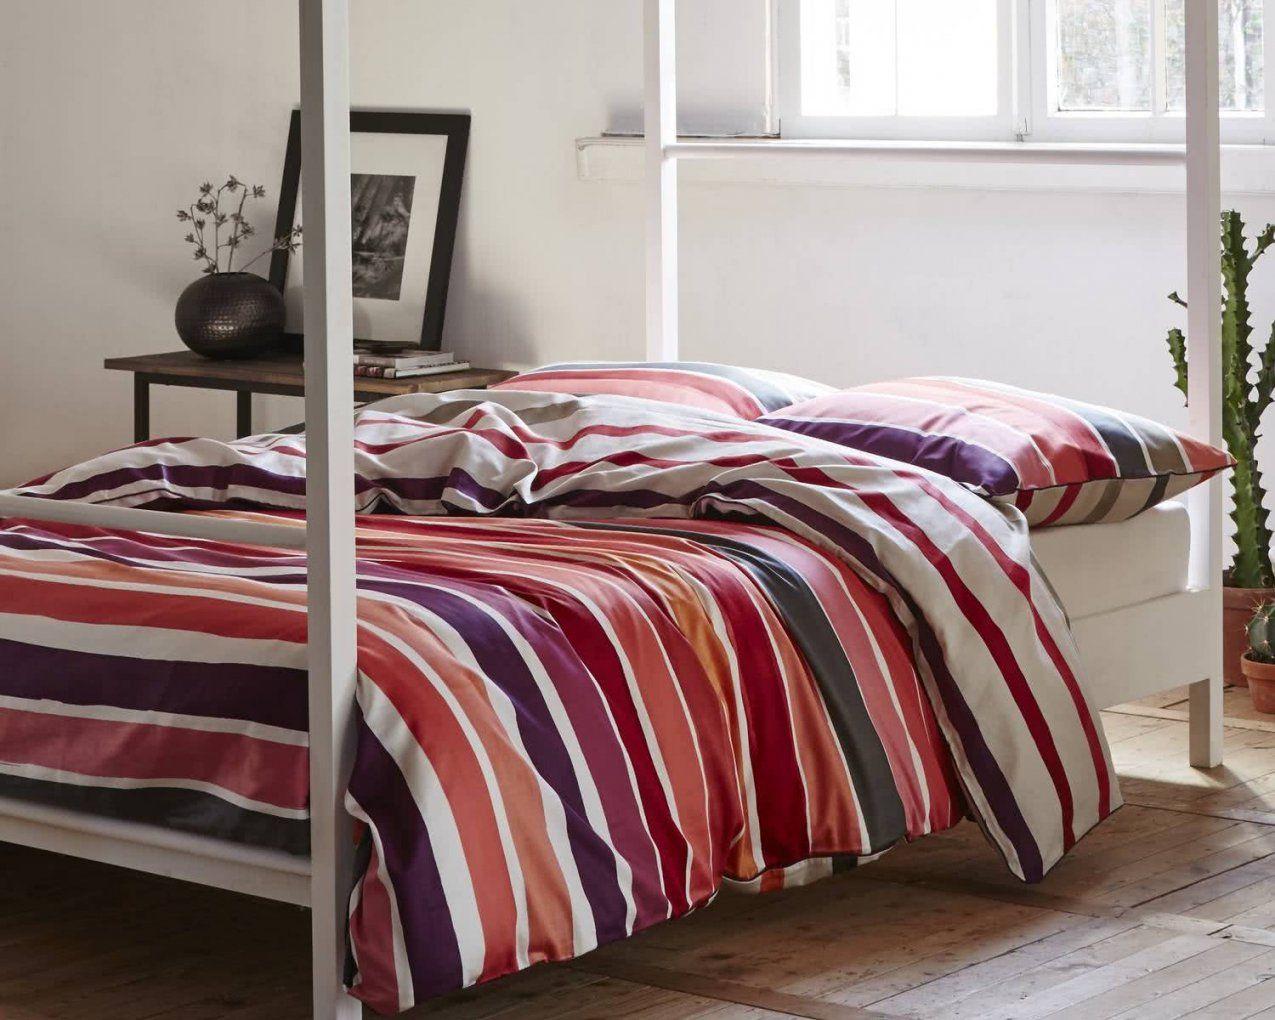 Bettwasche Bettwäsche Esprit Reduziert My Blog Bettwasche Iva Red von Elegante Bettwäsche Reduziert Photo